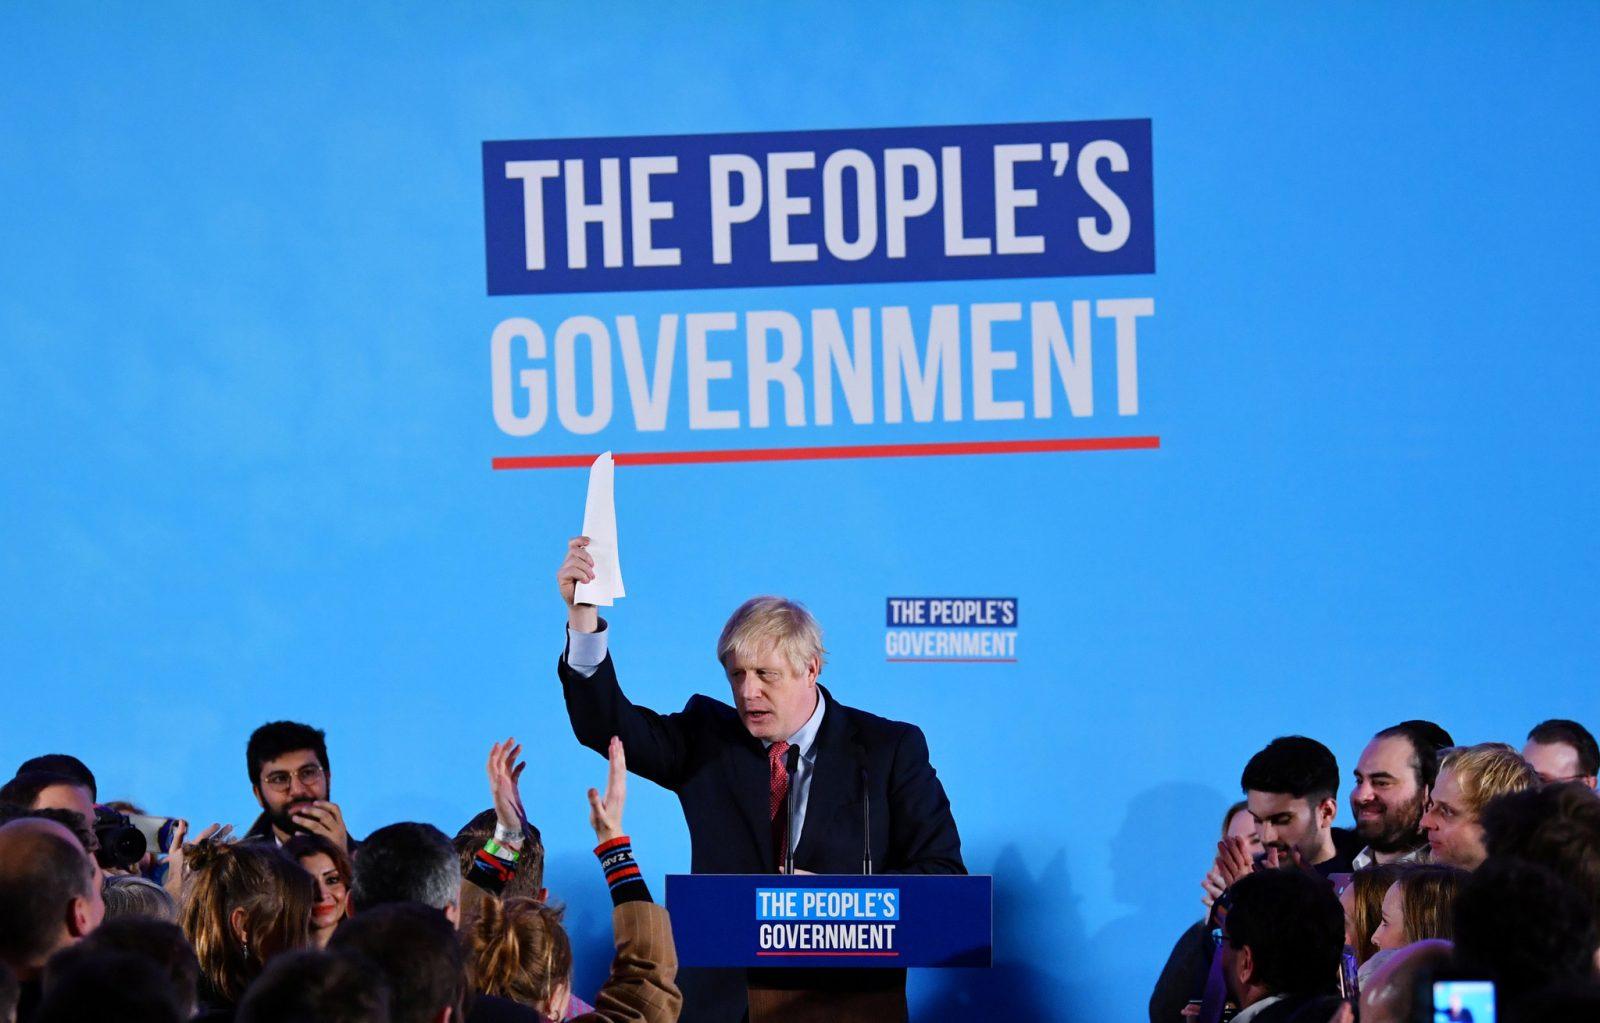 La victoire électorale de Boris Johnson propulse un peu plus la Grande-Bretagne vers le Brexit